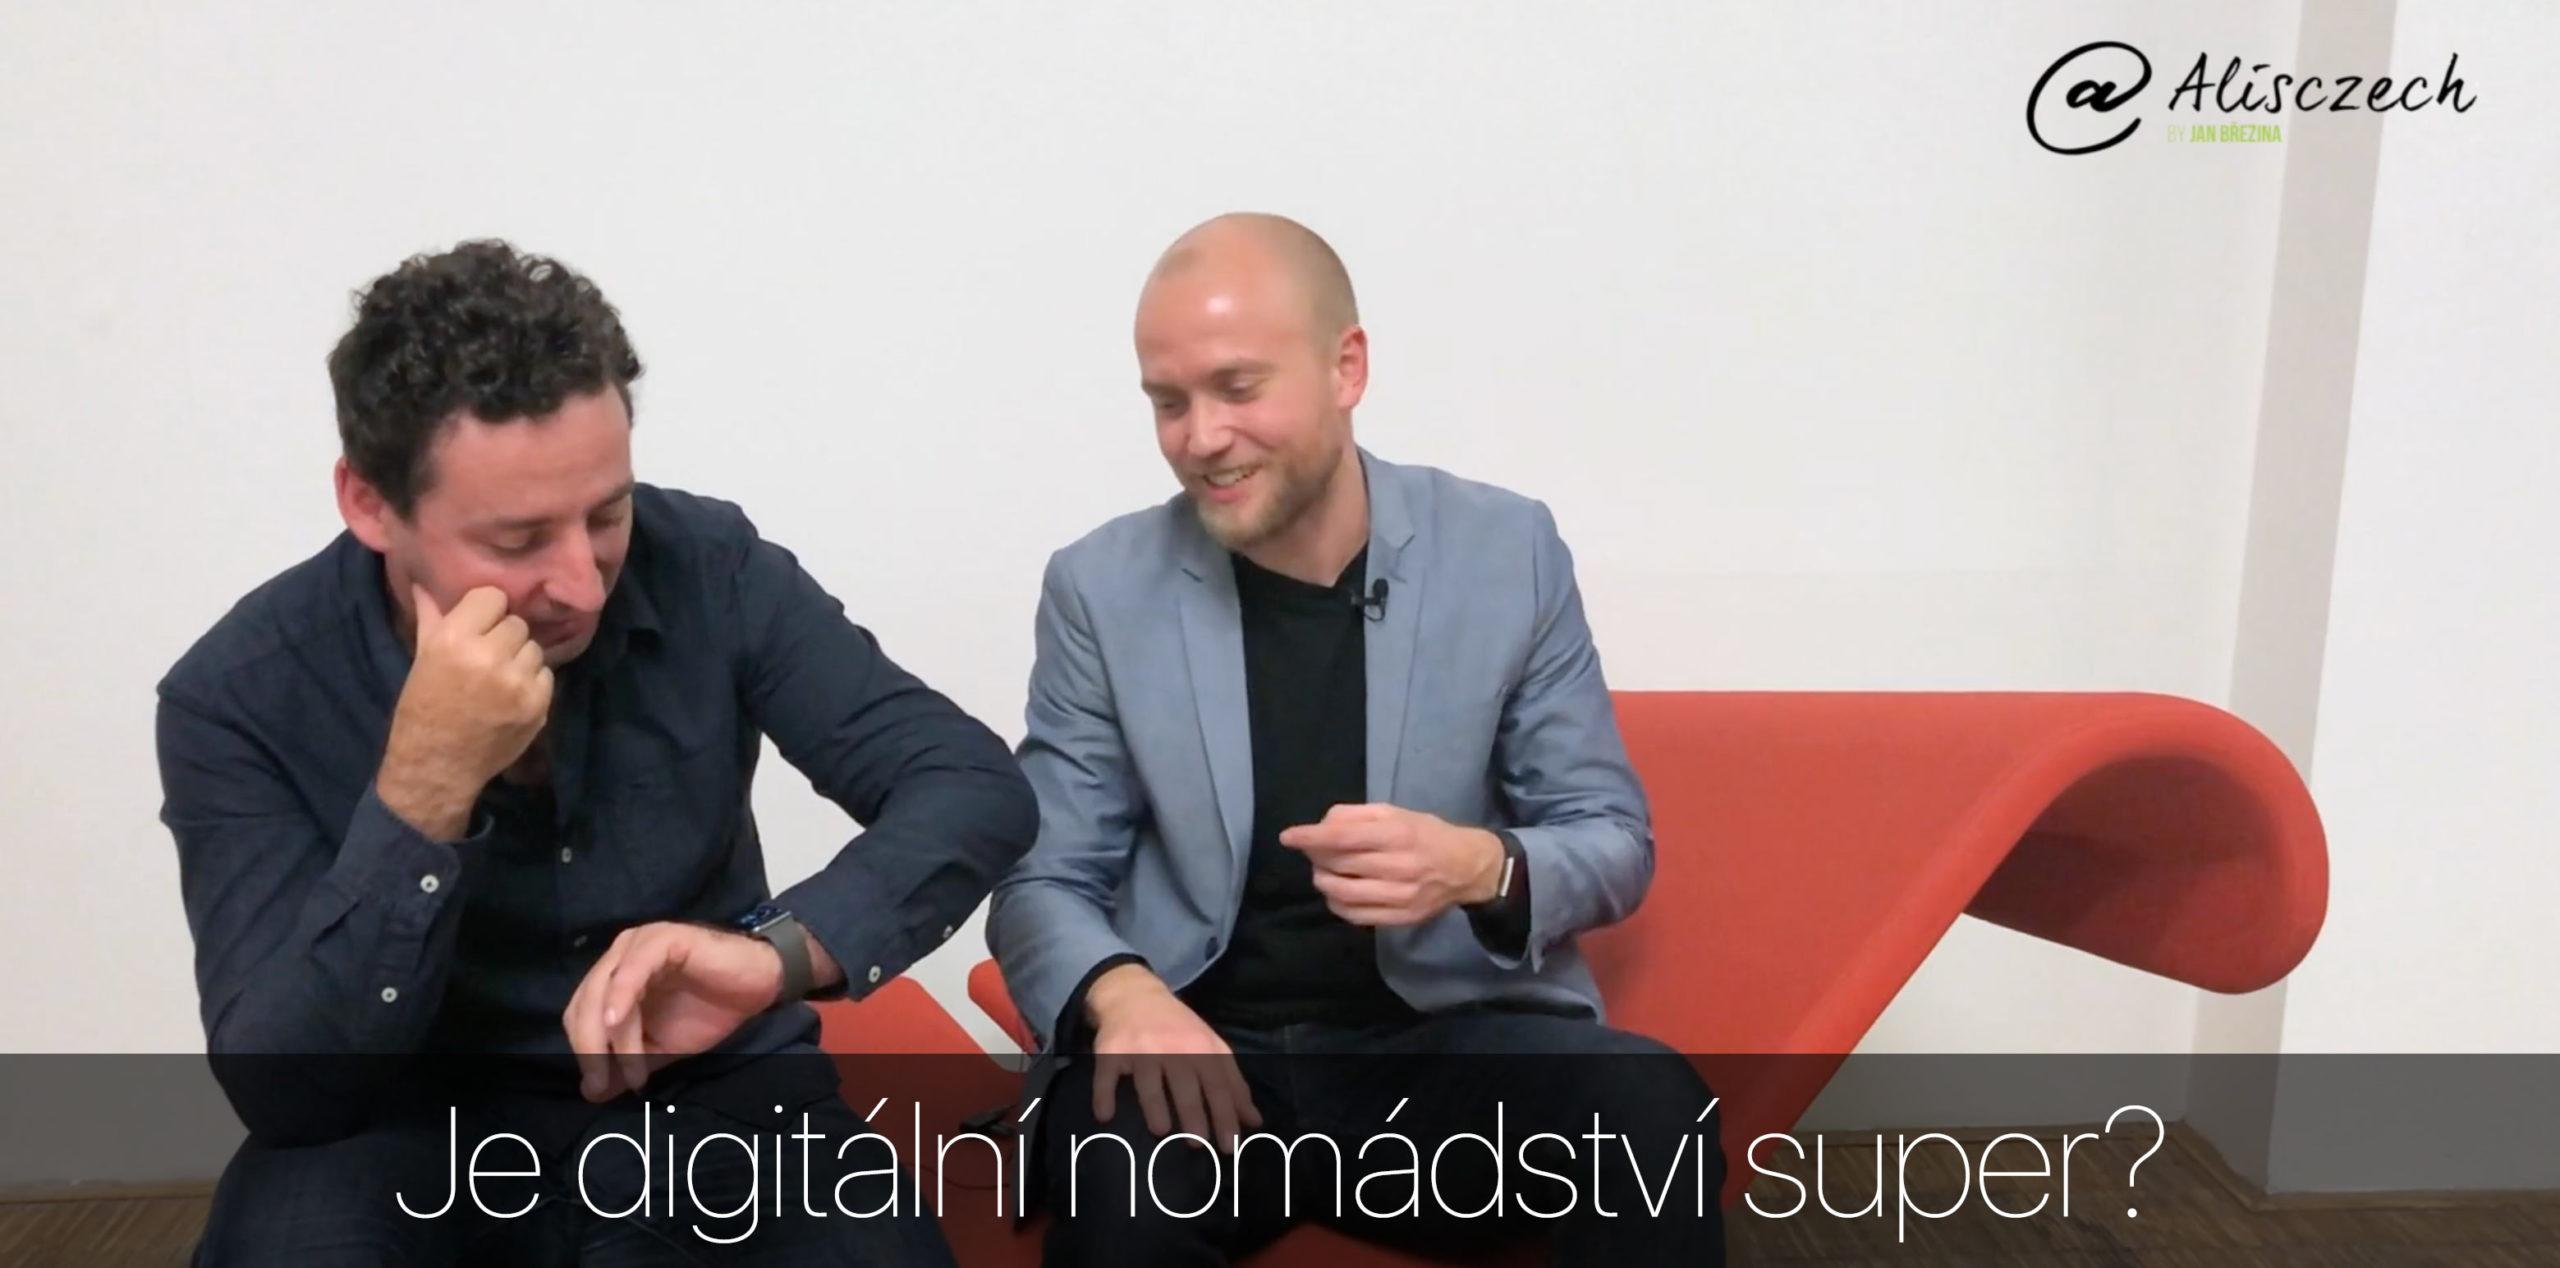 Je digitální nomádství super?